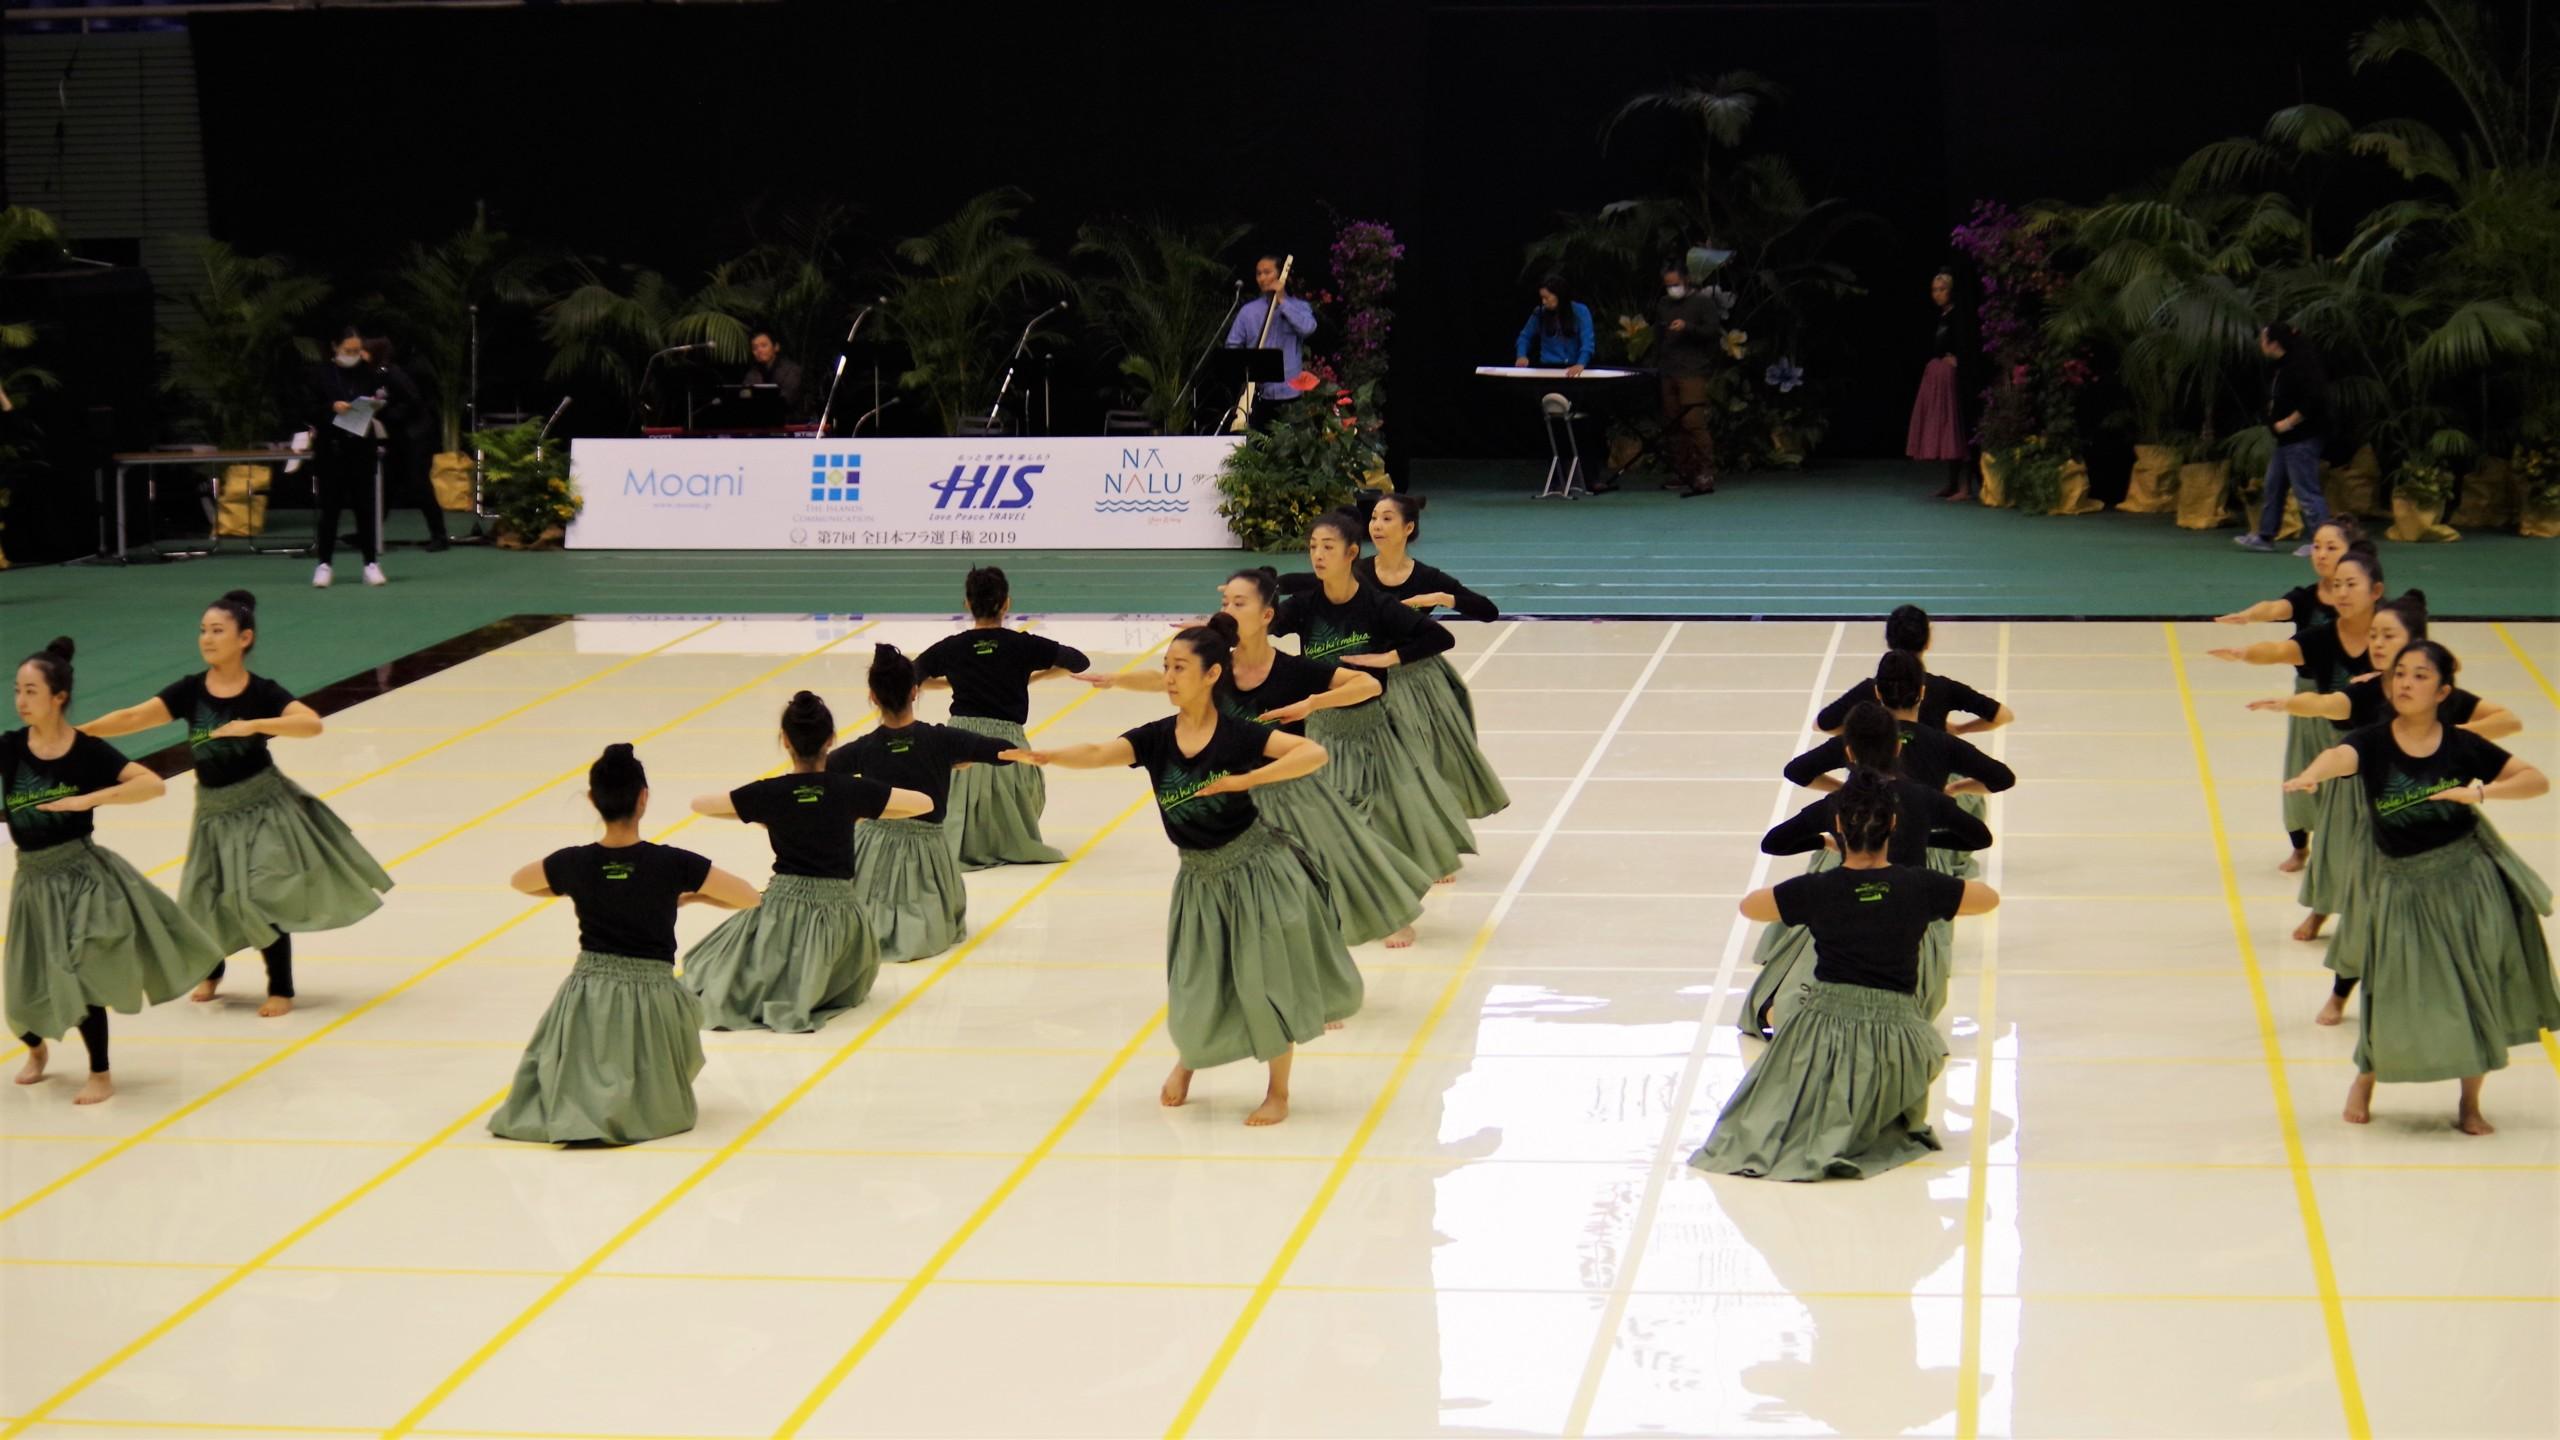 フラダンス教室~カレイヒイマクア~全日本フラ選手権団体カヒコリハーサル